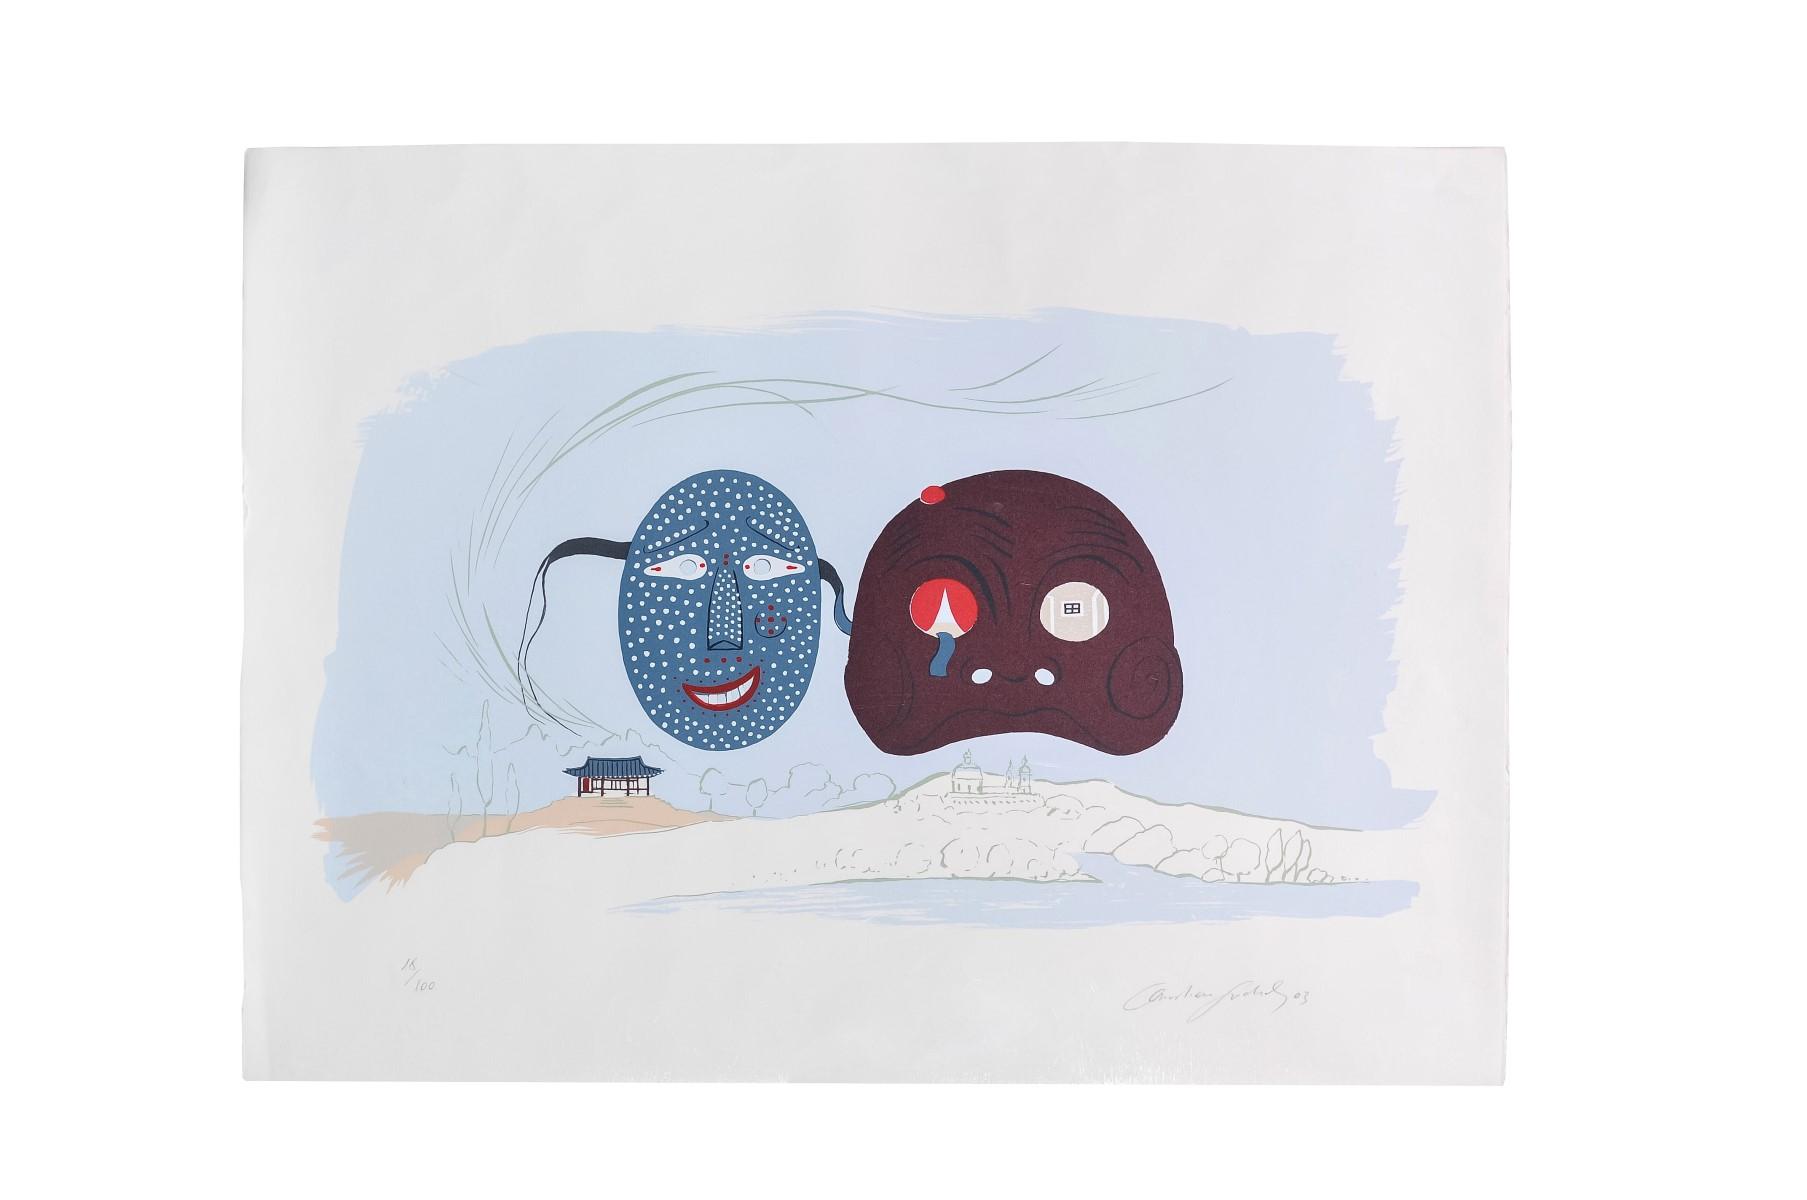 #26 Artist of the 20th Century, Composition with Masks | Künstler des 20. Jahrhundert, Komposition mit Masken Image